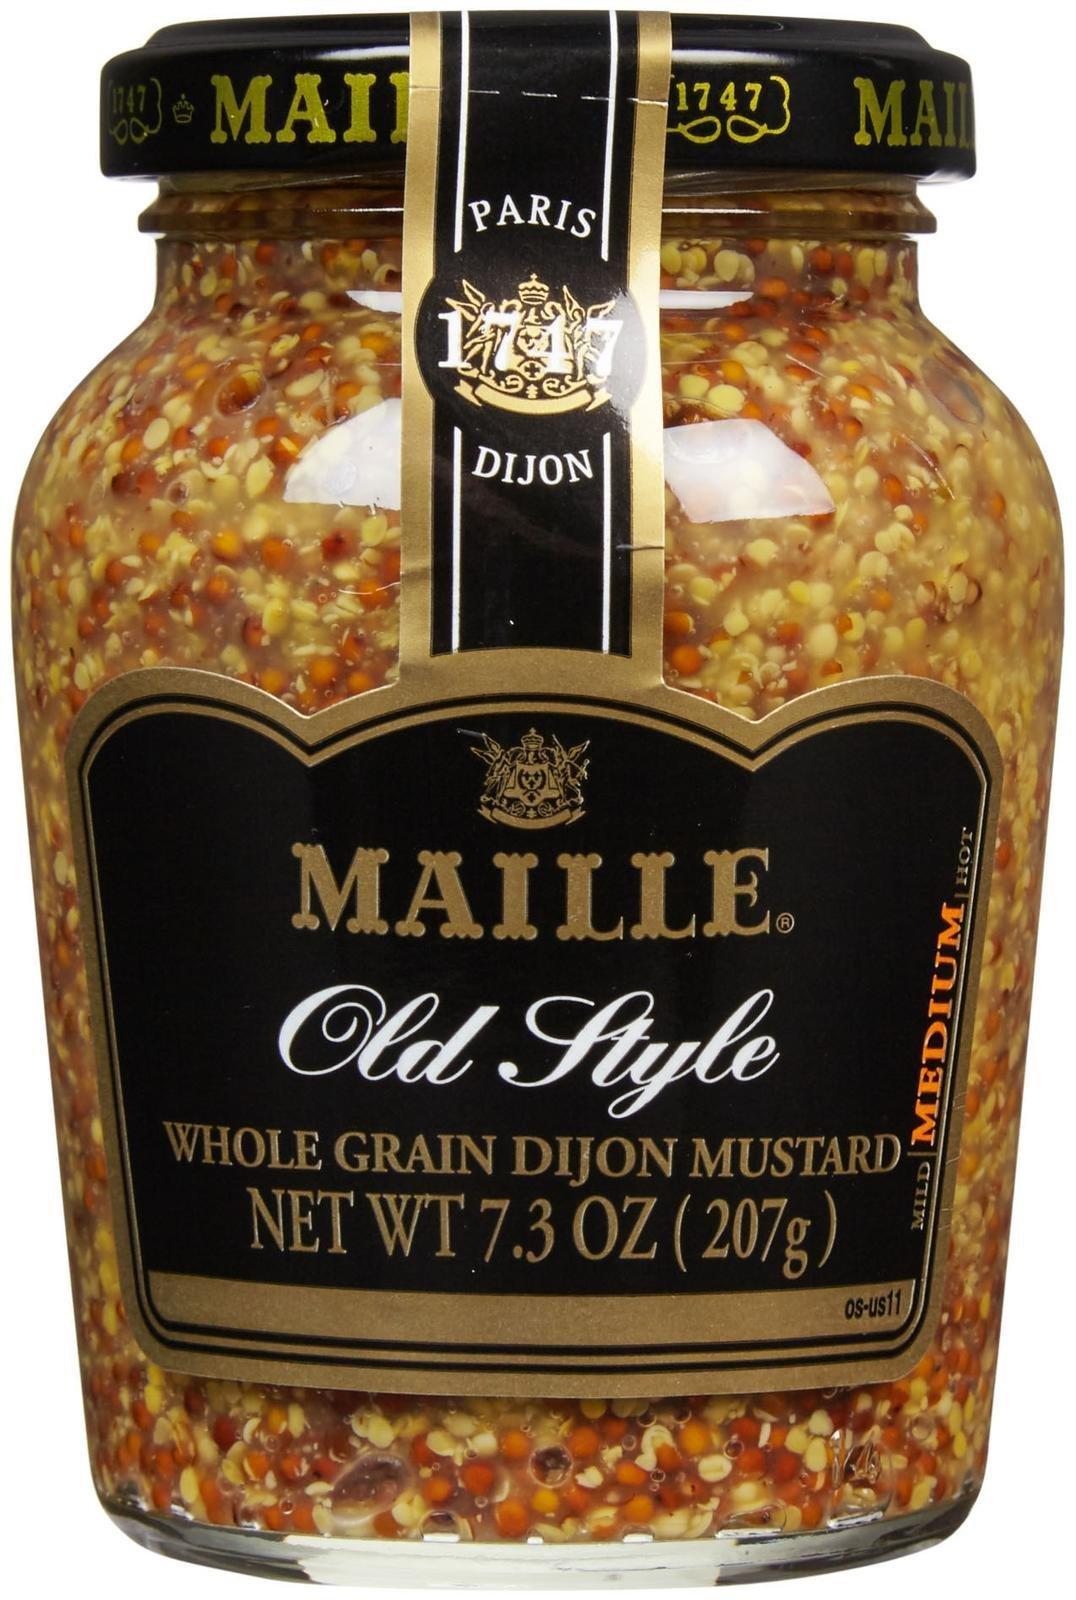 Maille Old Style Grain Dijon Mustard, 7.3 oz